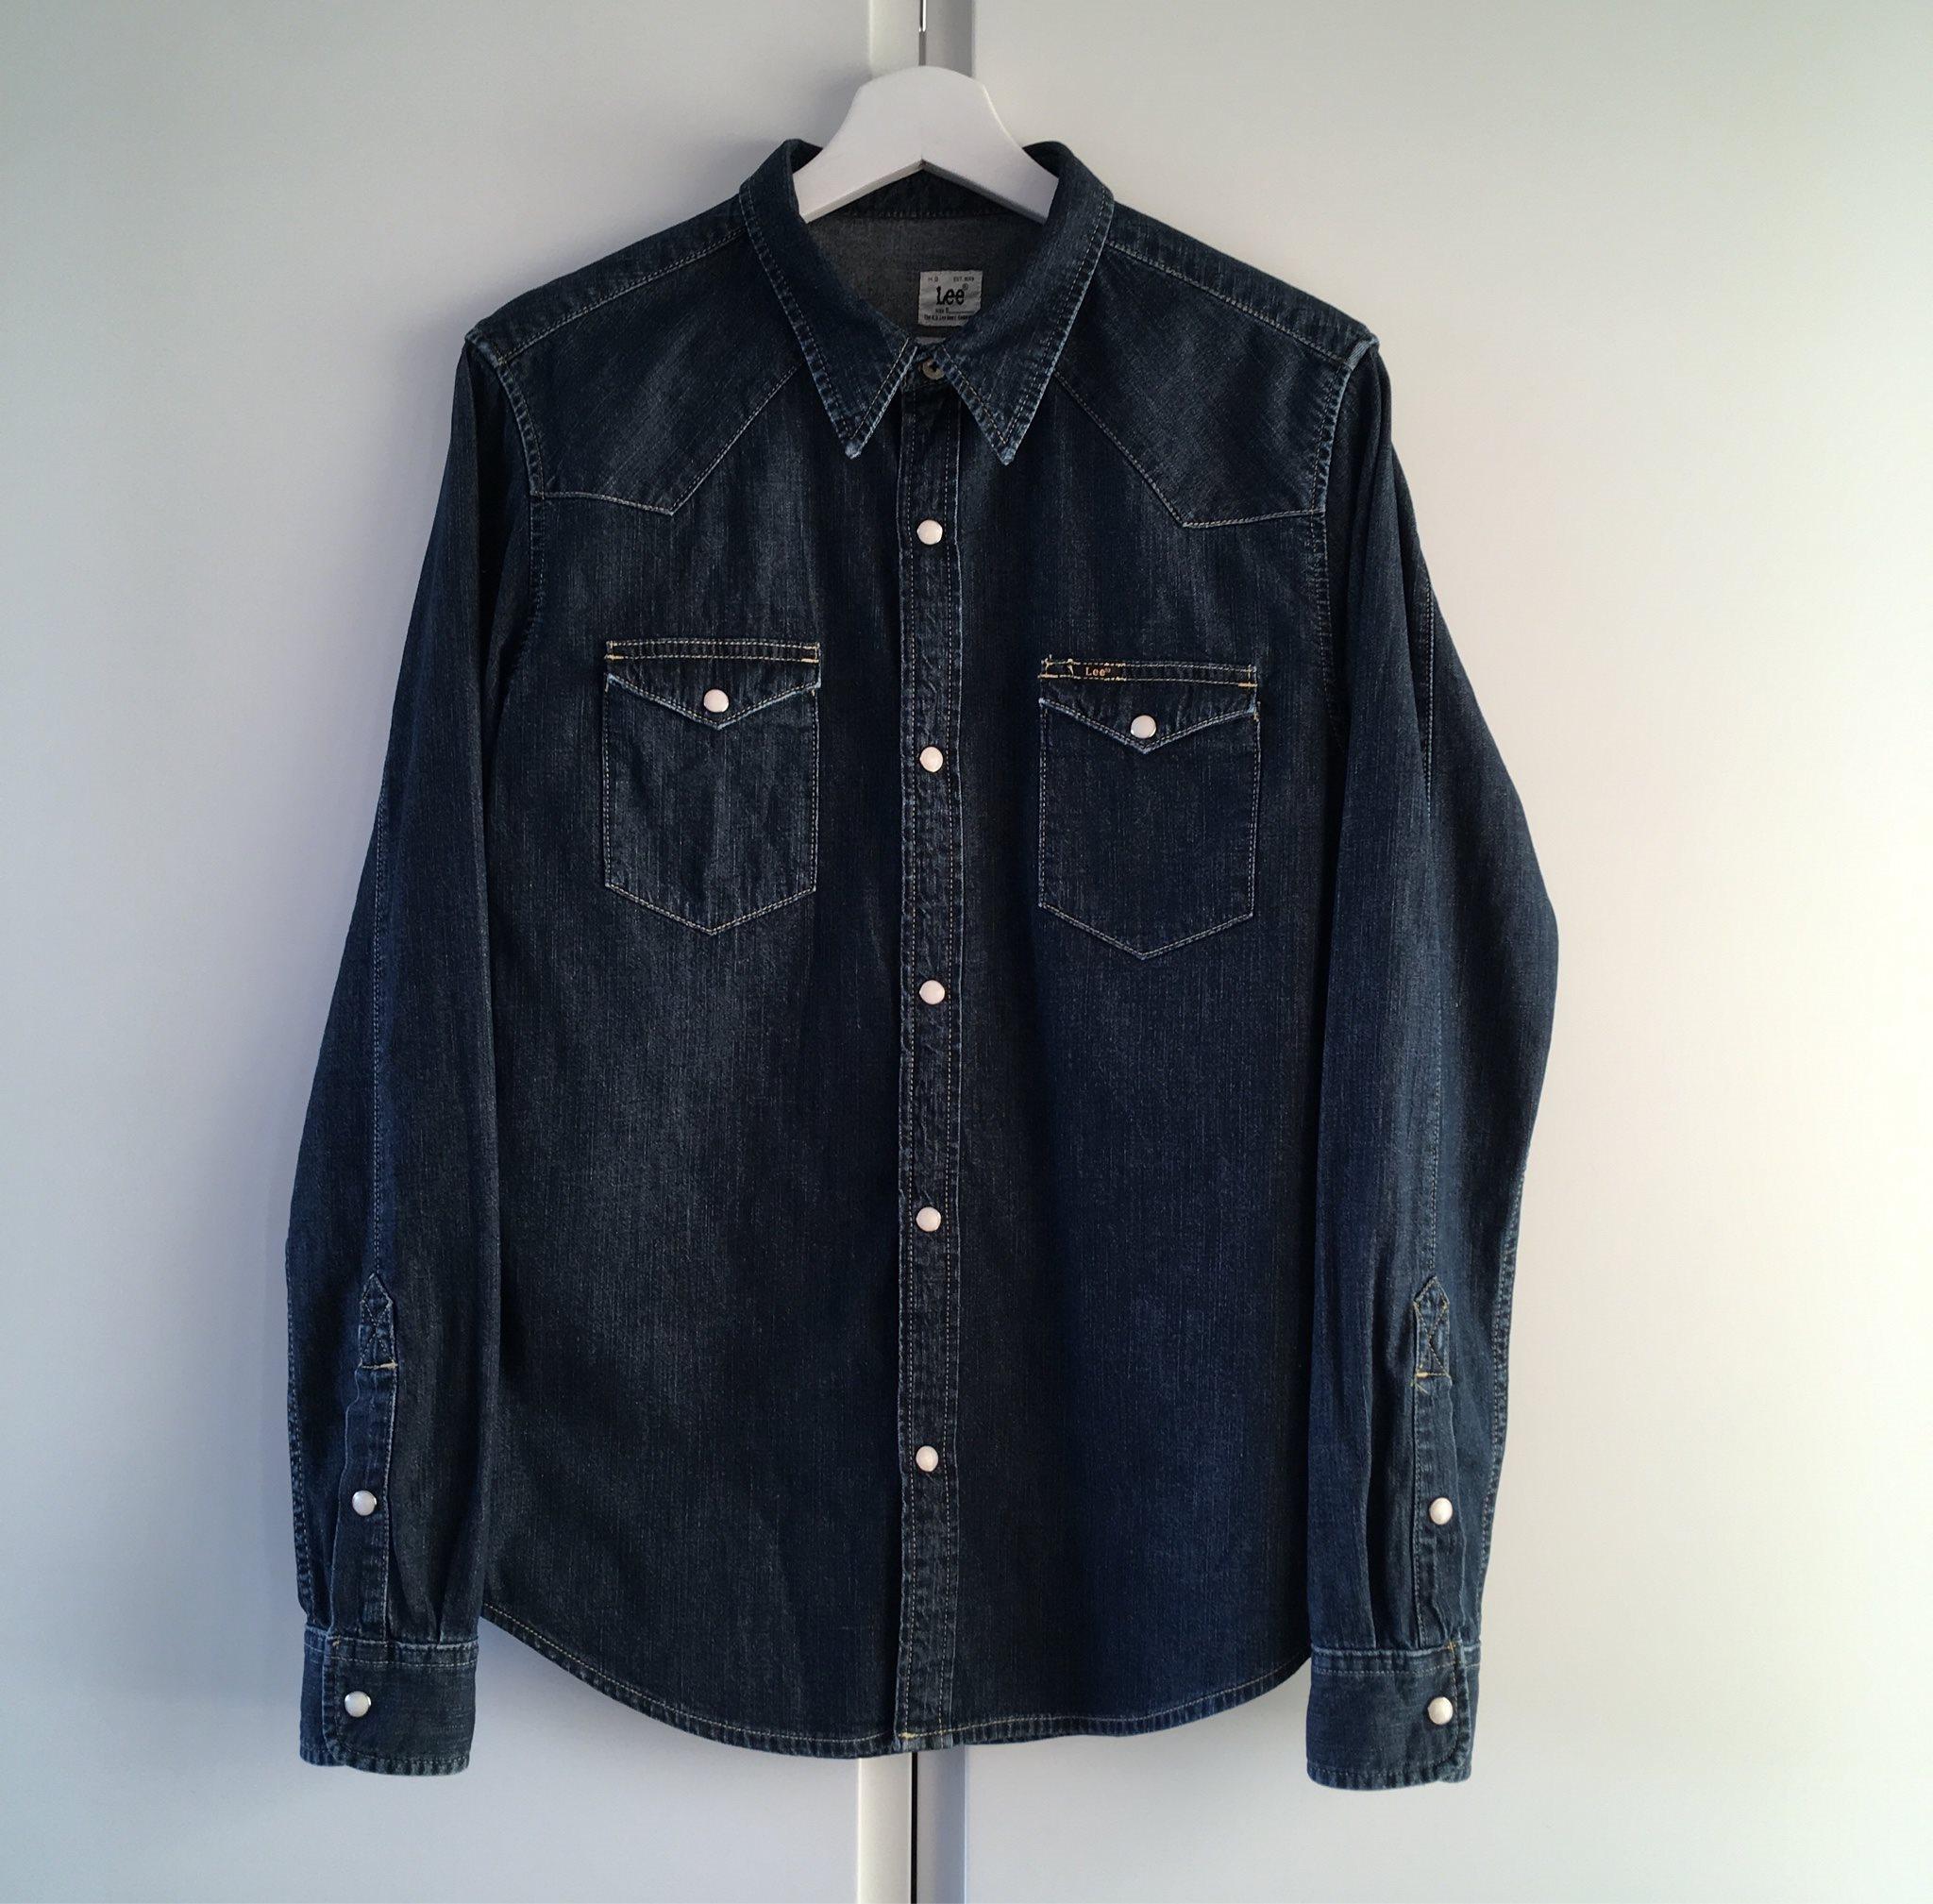 Lee jeansskjorta western skjorta jeans indigo blå, storlek S